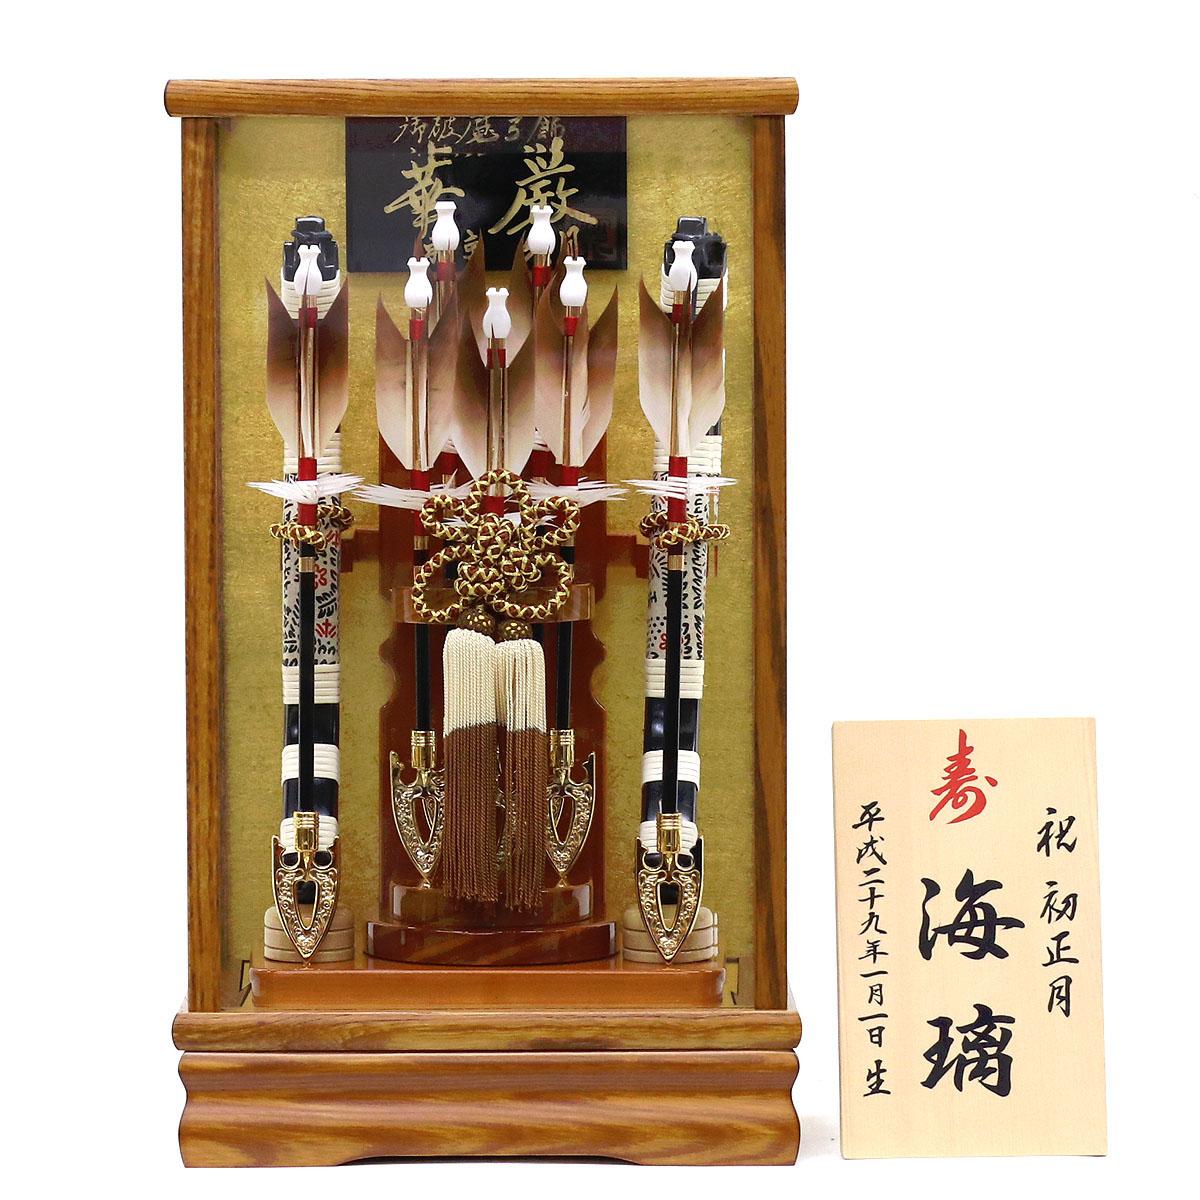 破魔弓 コンパクト ケース飾り 久月 8号 華厳 HMQ-70710828 初正月 破魔矢 久月作